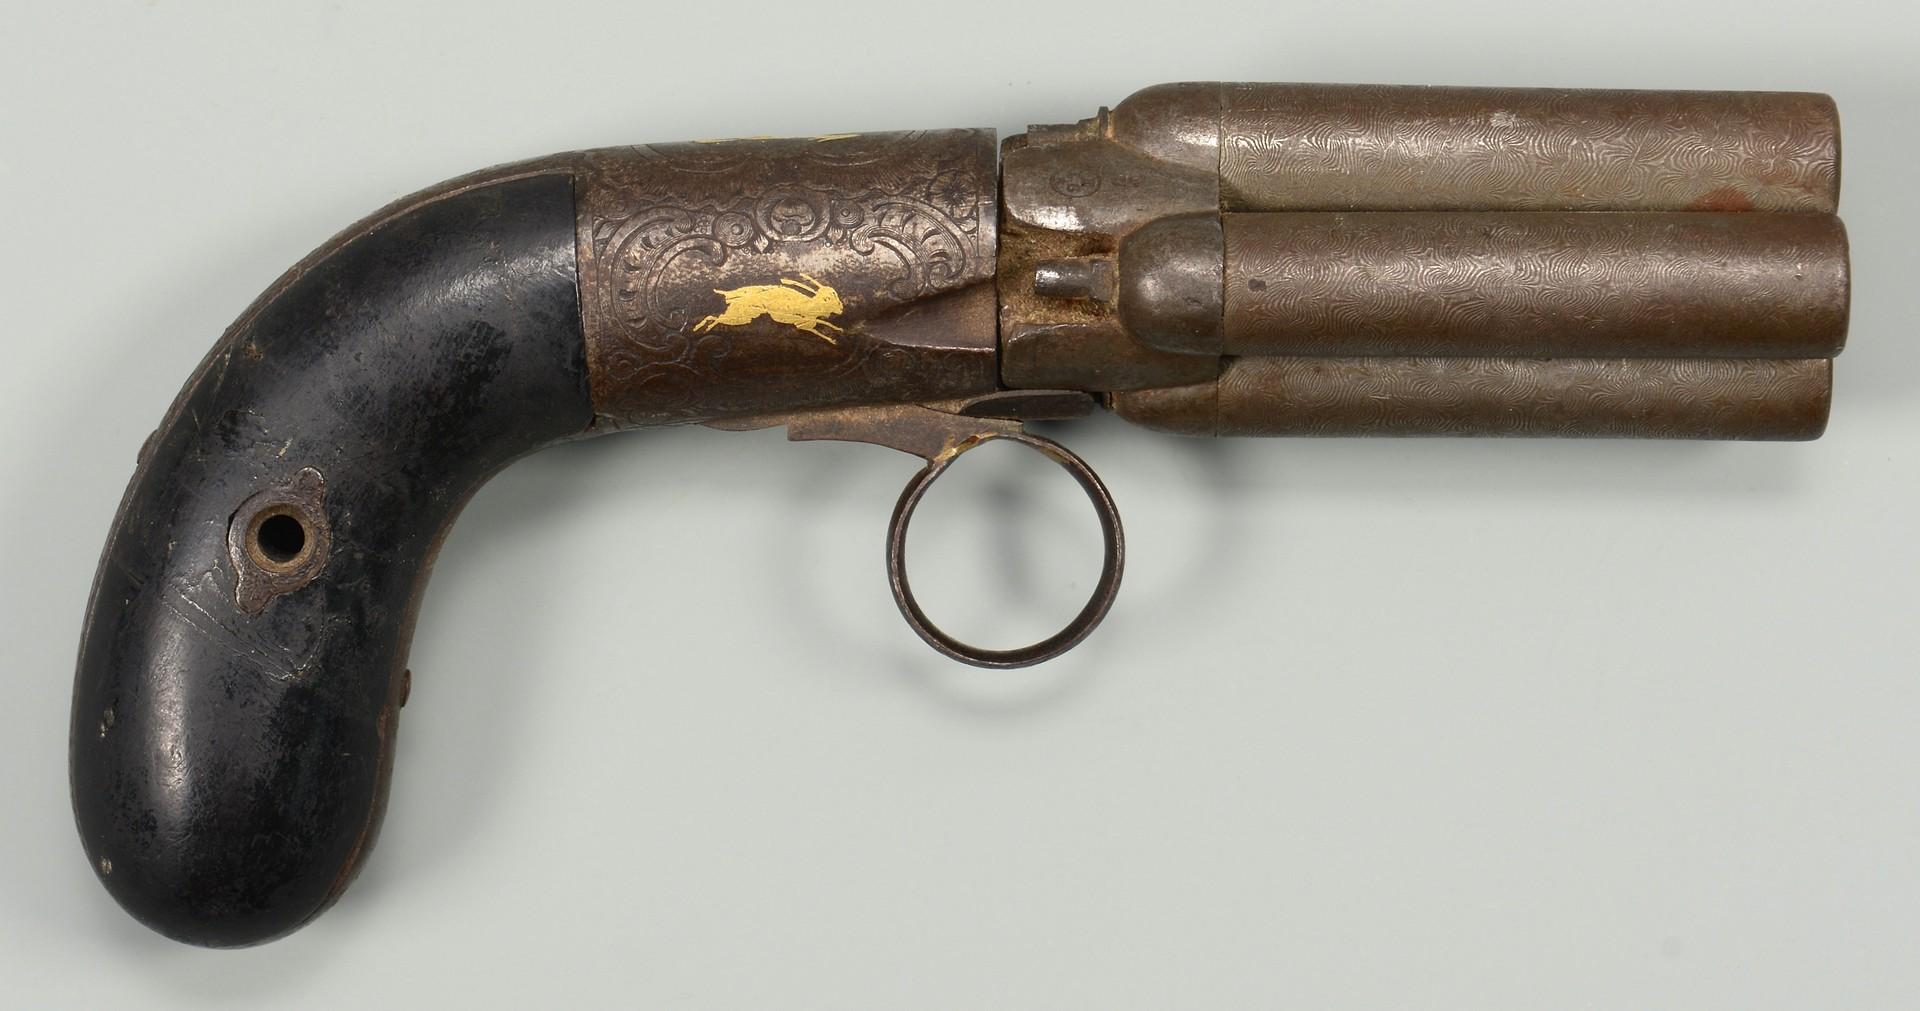 Lot 193: French Mariette Pepperbox Pistol, Lepage Paris